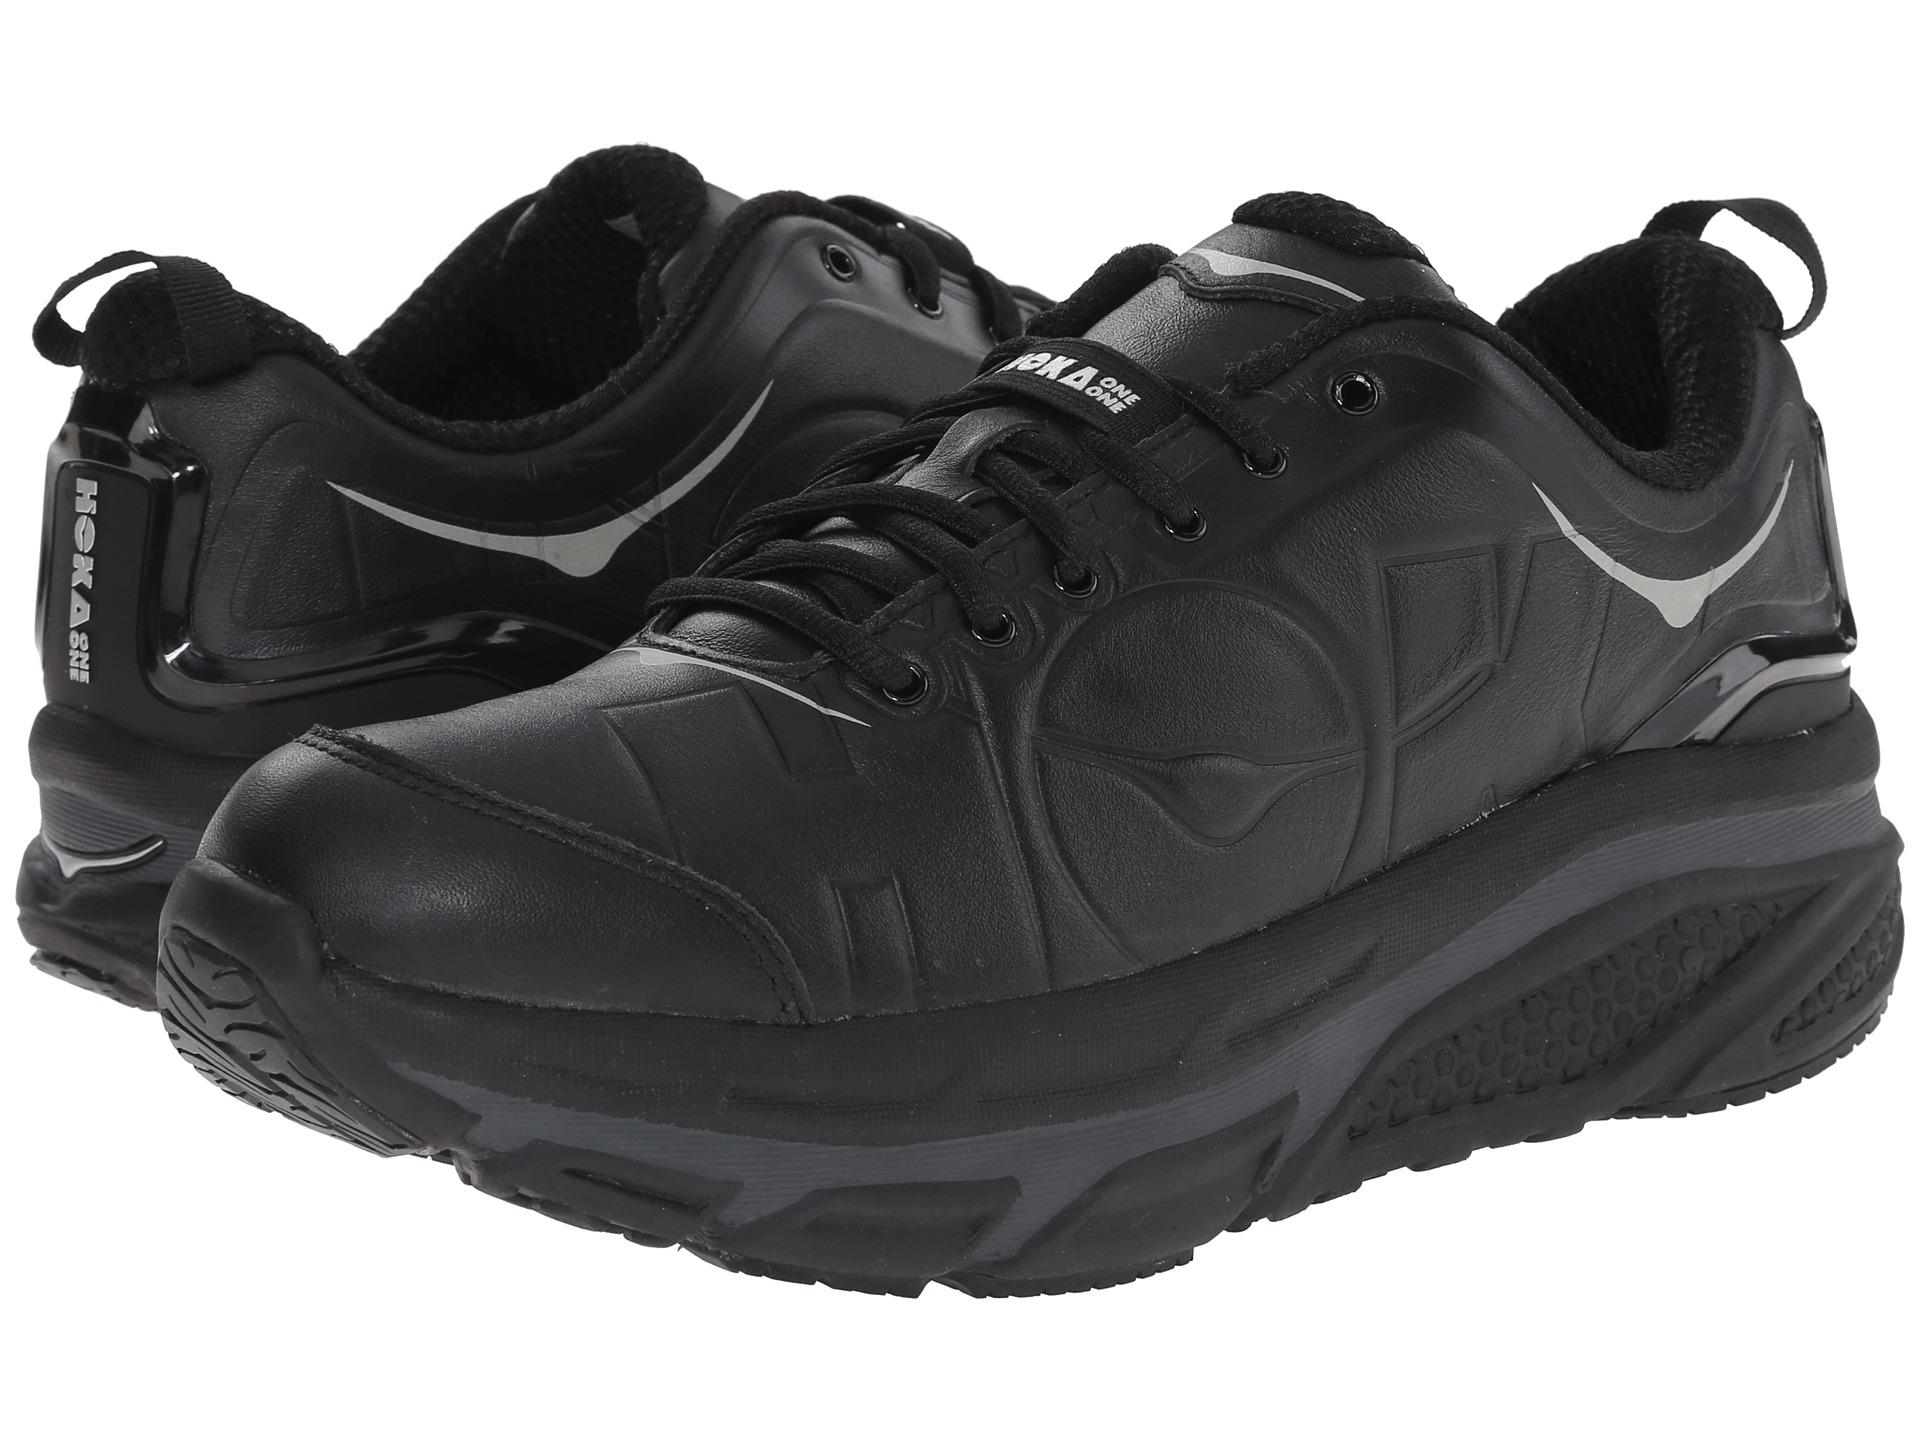 Valor Ltr Shoes Review